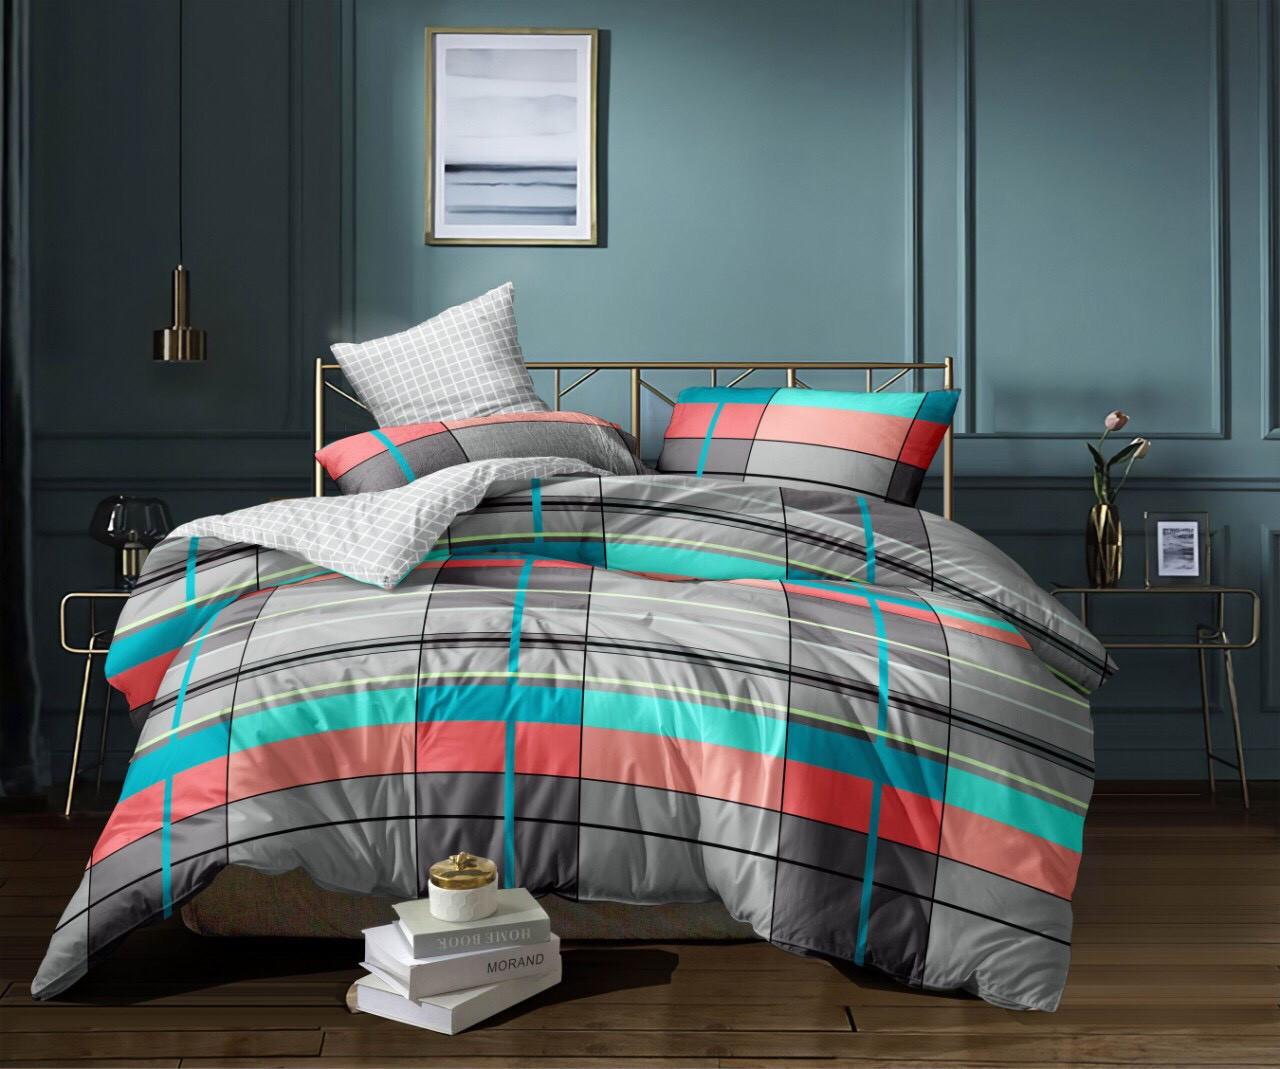 Двуспальный комплект постельного белья из сатина (180*220 см)